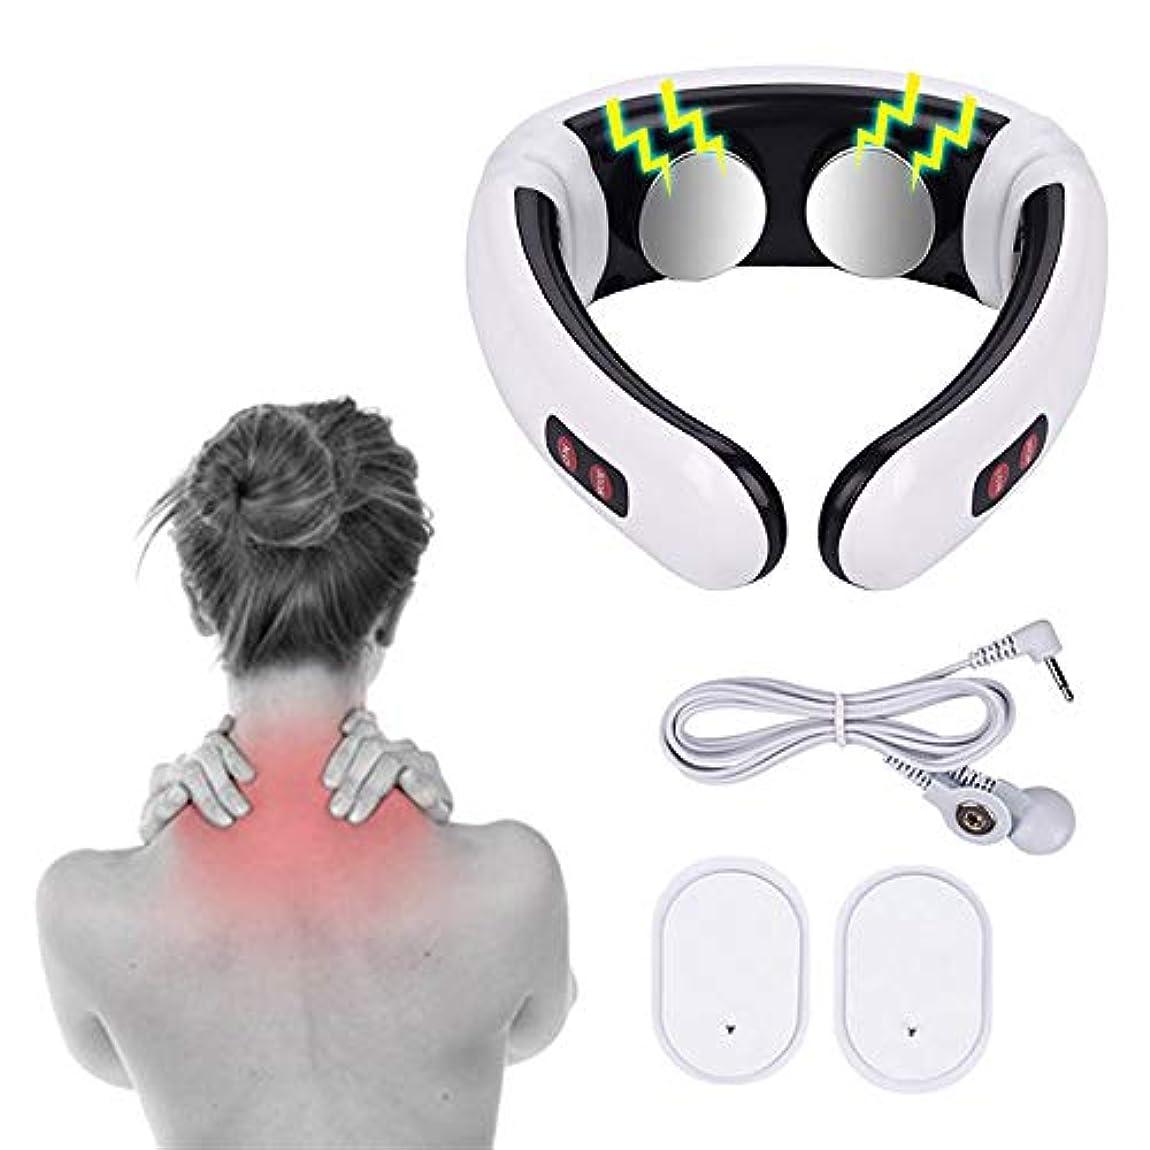 乱れ震えるセグメント1 PC Electric Pulse Back and Neck Massager Far Infrared Pain Relief Tool Health Care Relaxation Multifunctional...